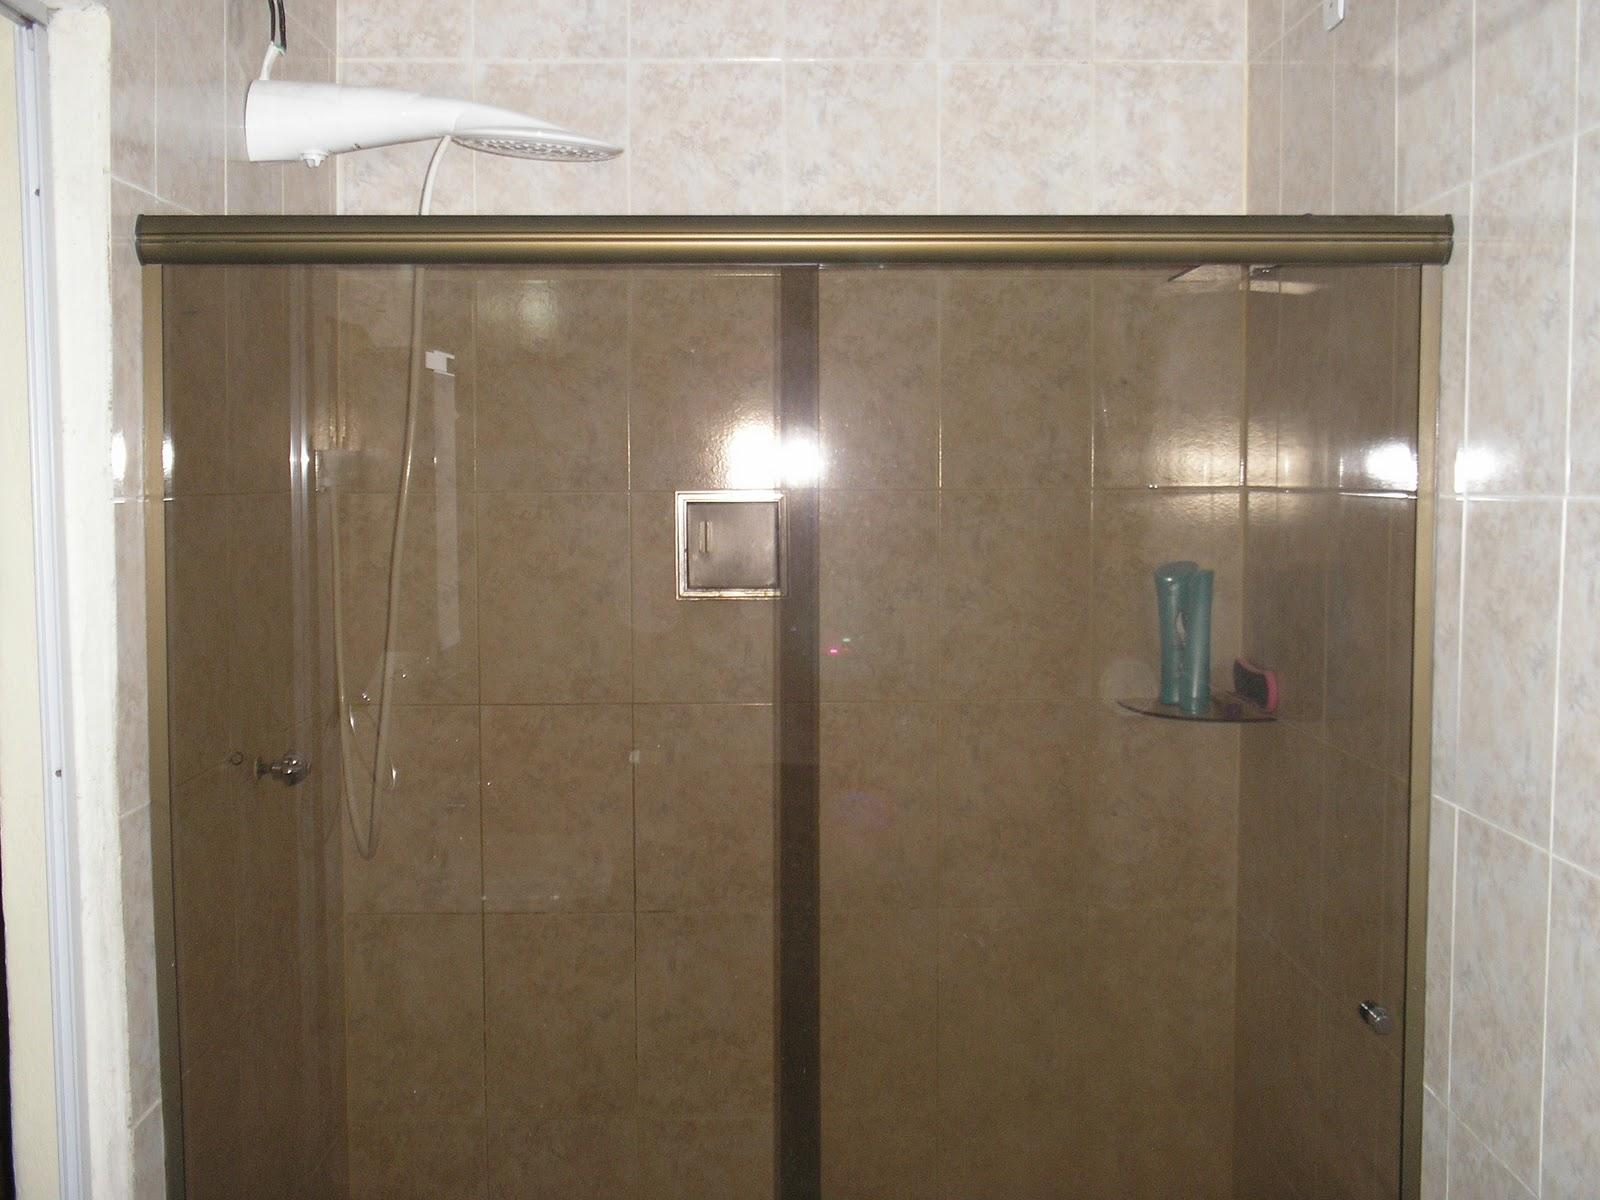 Imagens de #5E4D36  em box de banheiro box de vidro box temperado P1010017.JPG 1600x1200 px 2552 Box Banheiro Vidro Curitiba